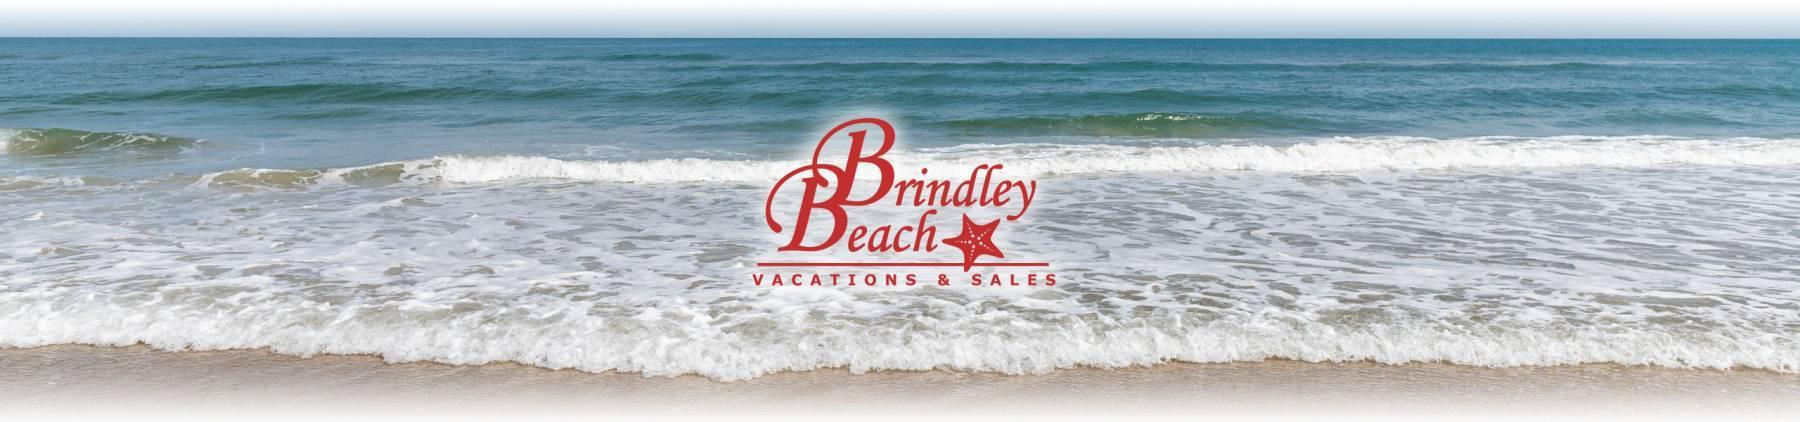 brindley beach logo